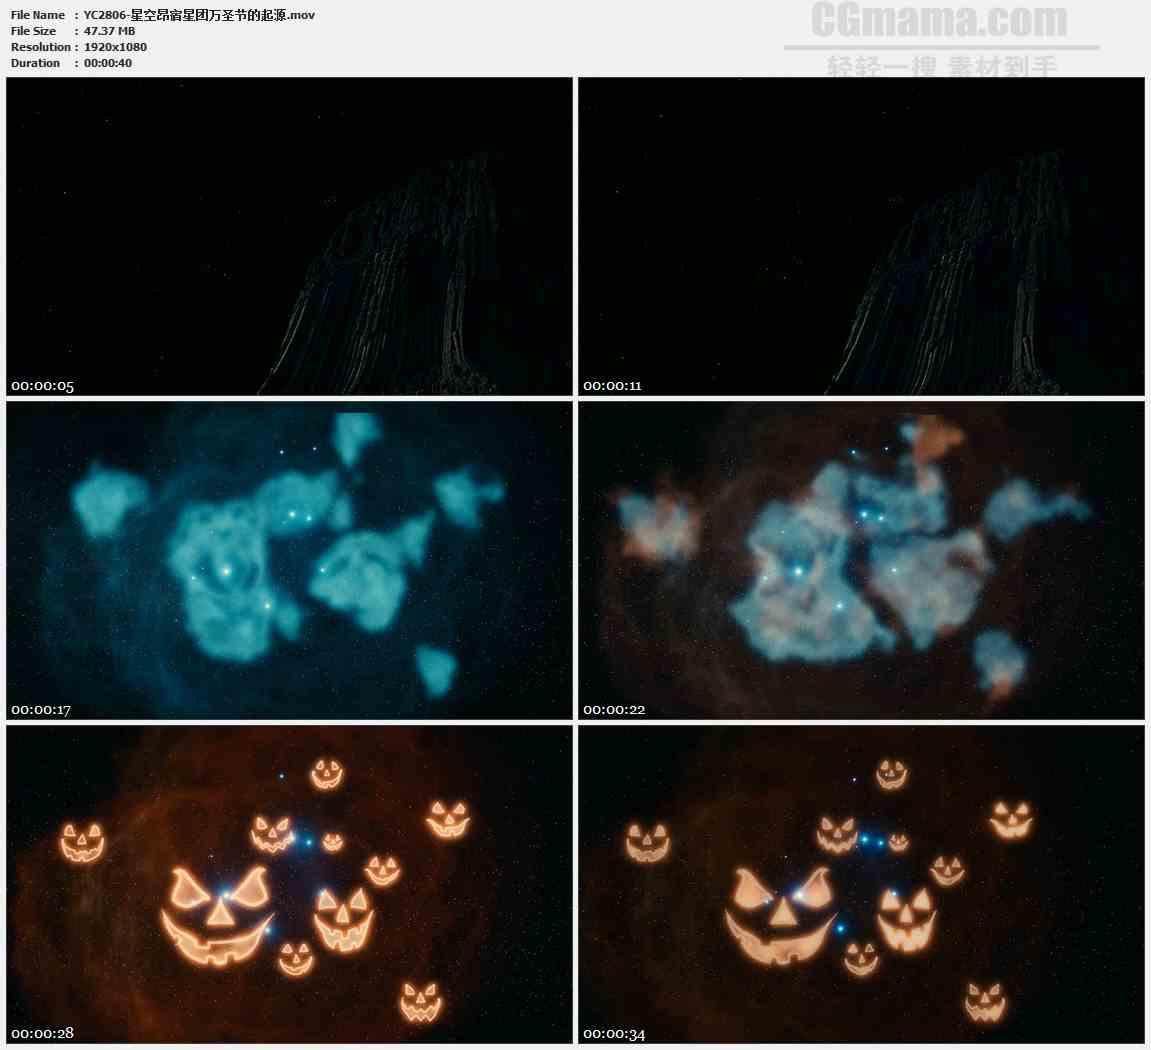 YC2806-星空昂宿星团万圣节的起源高清实拍视频素材